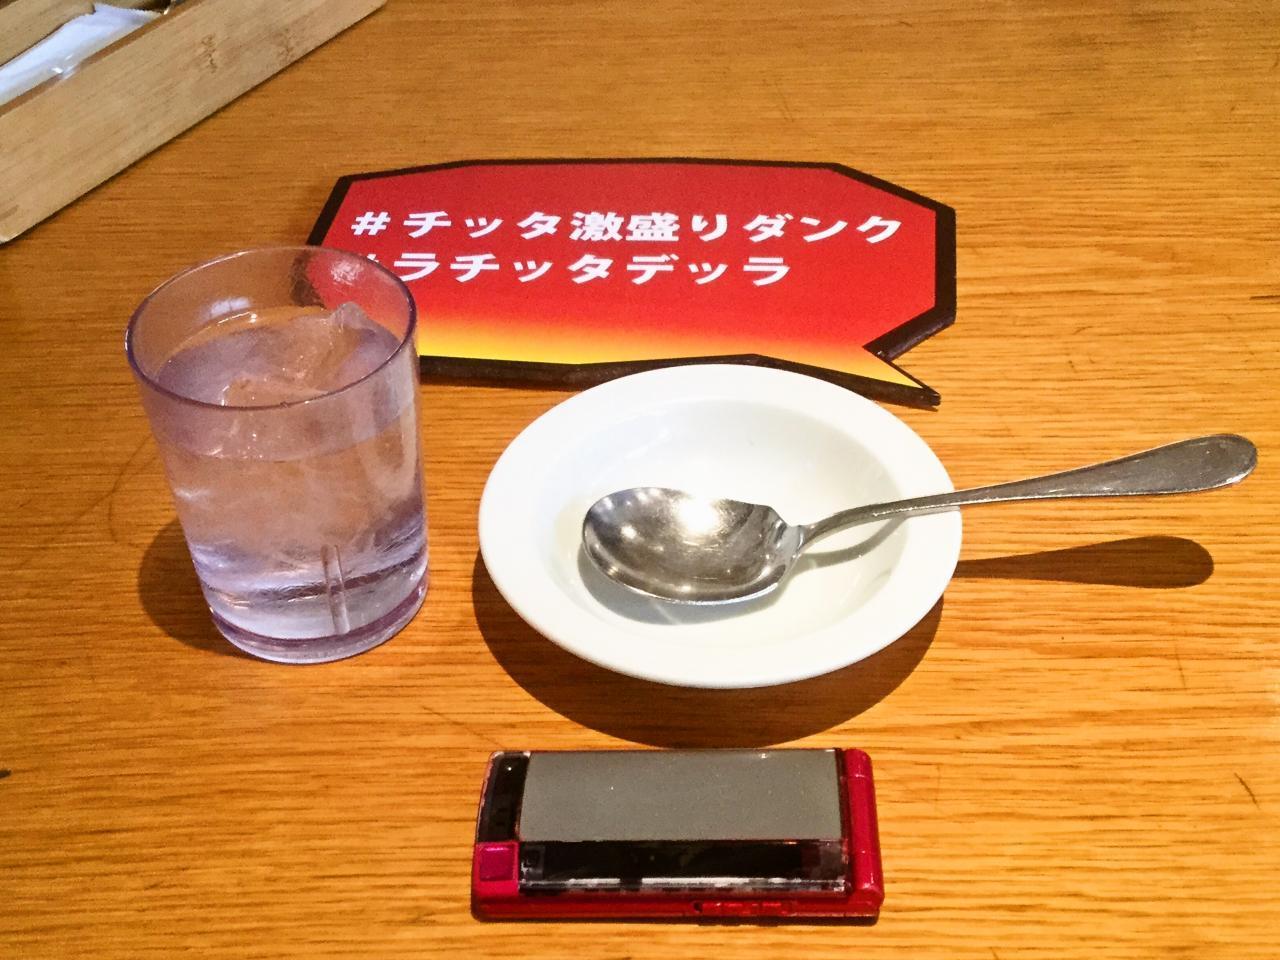 ARIA. C 川崎ラチッタデッラ店(ポークカレー)